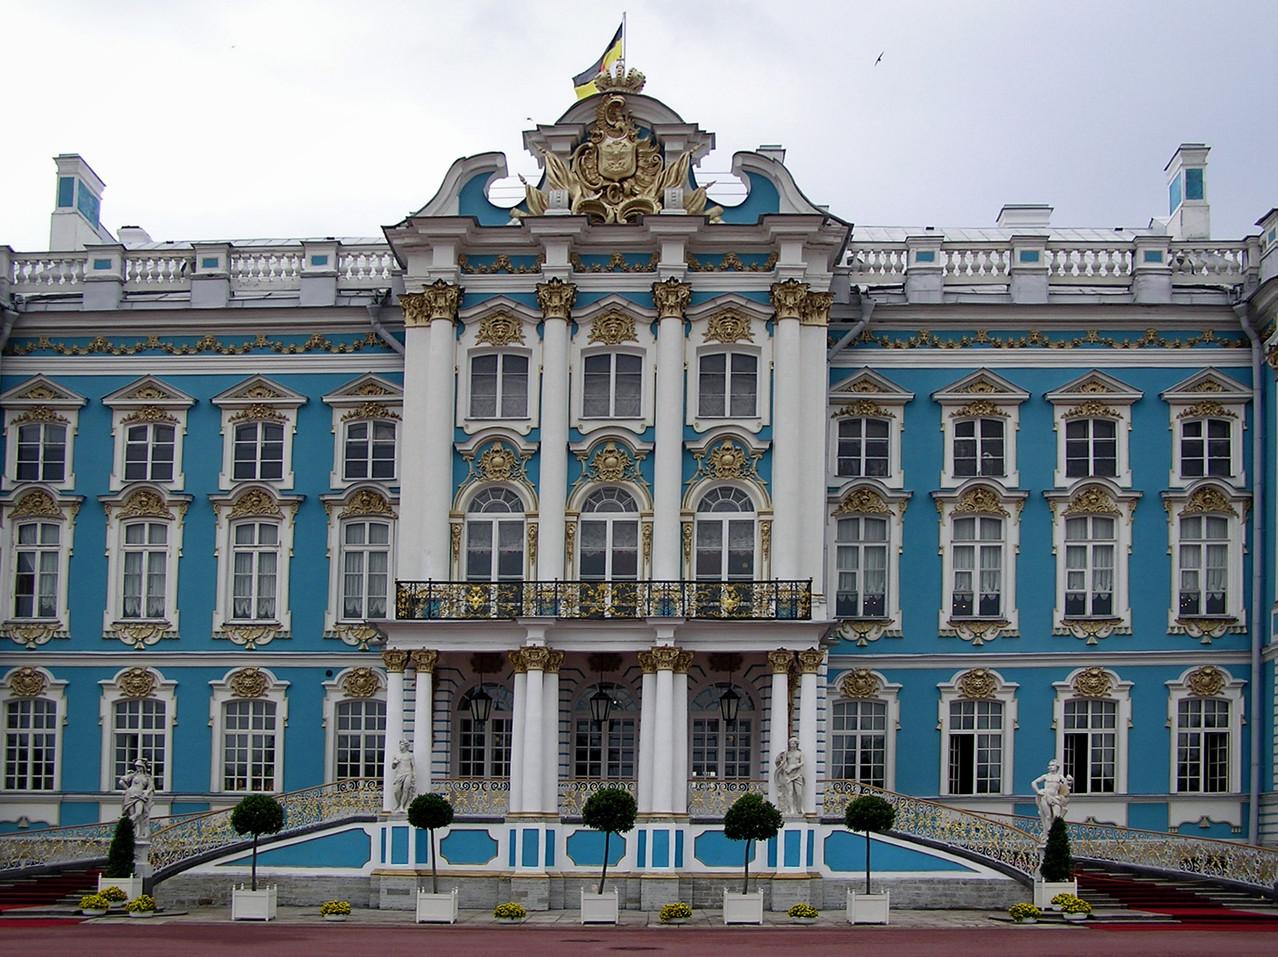 Im Vorort Zarskoje Selo das Katharinenschloss aus dem 18. Jhdt mit einer Nachbildung des berühmten Bernsteinzimmers